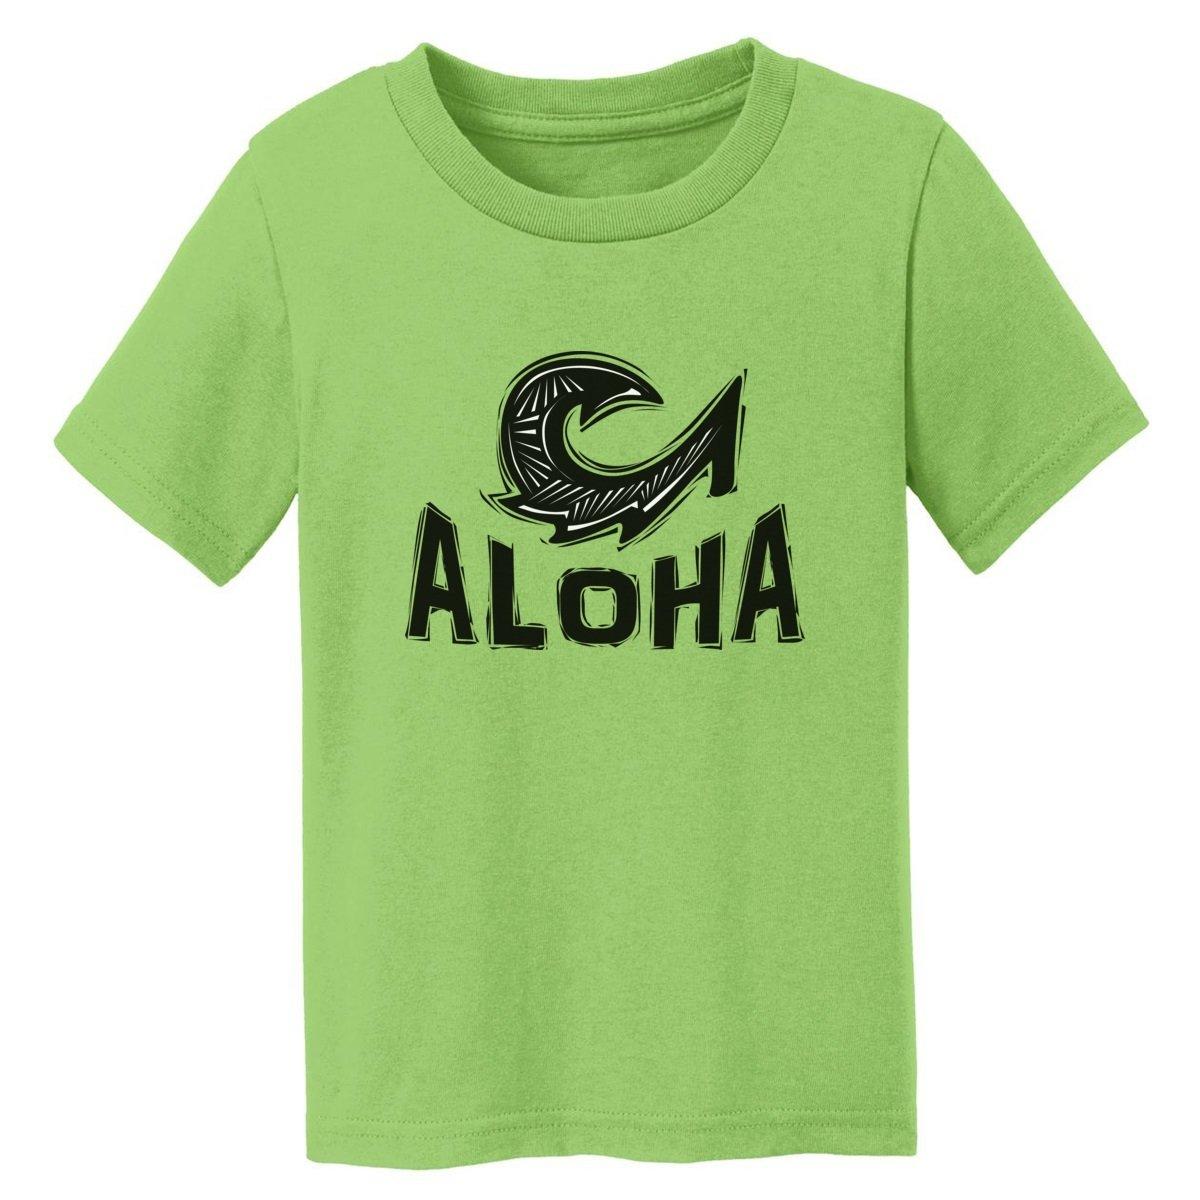 【国内正規品】 Digital ライムグリーン T-Shirt Shop Shop SHIRT L ベビーガールズ L ライムグリーン B06XYPR6GG, ハッピータイム:366b3c54 --- a0267596.xsph.ru